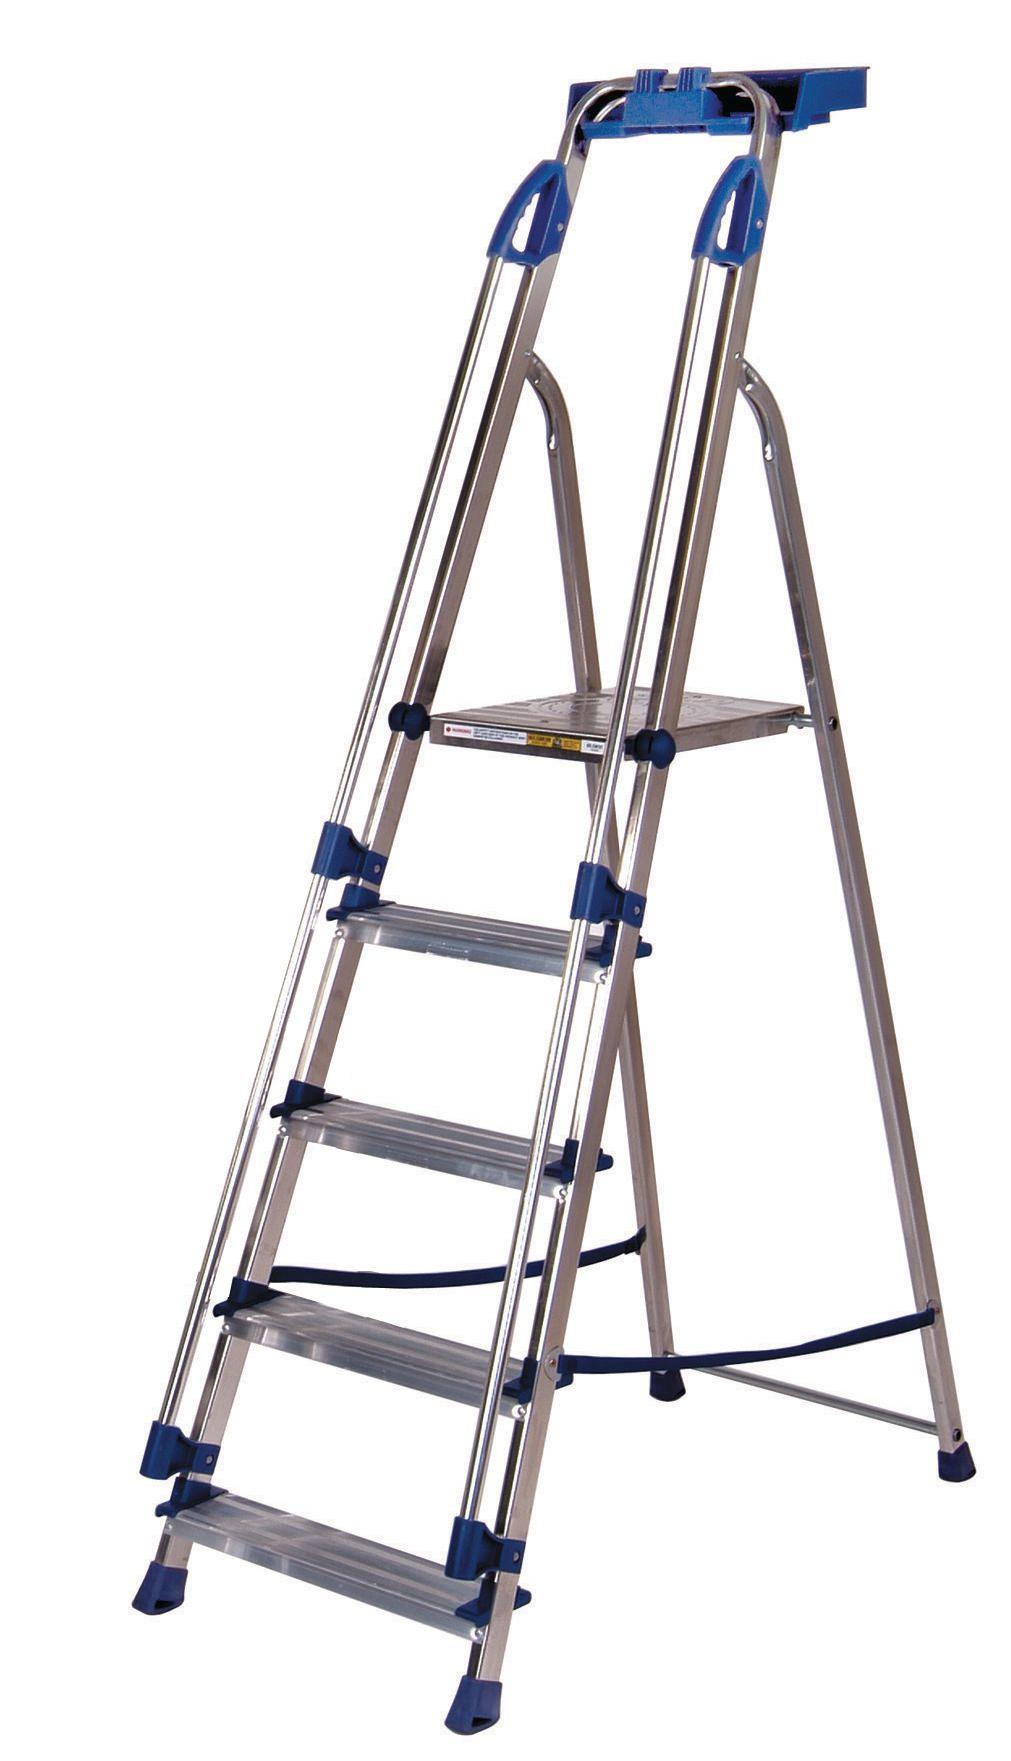 Ladder 5 Steps Blue Seal Capacity 150kg